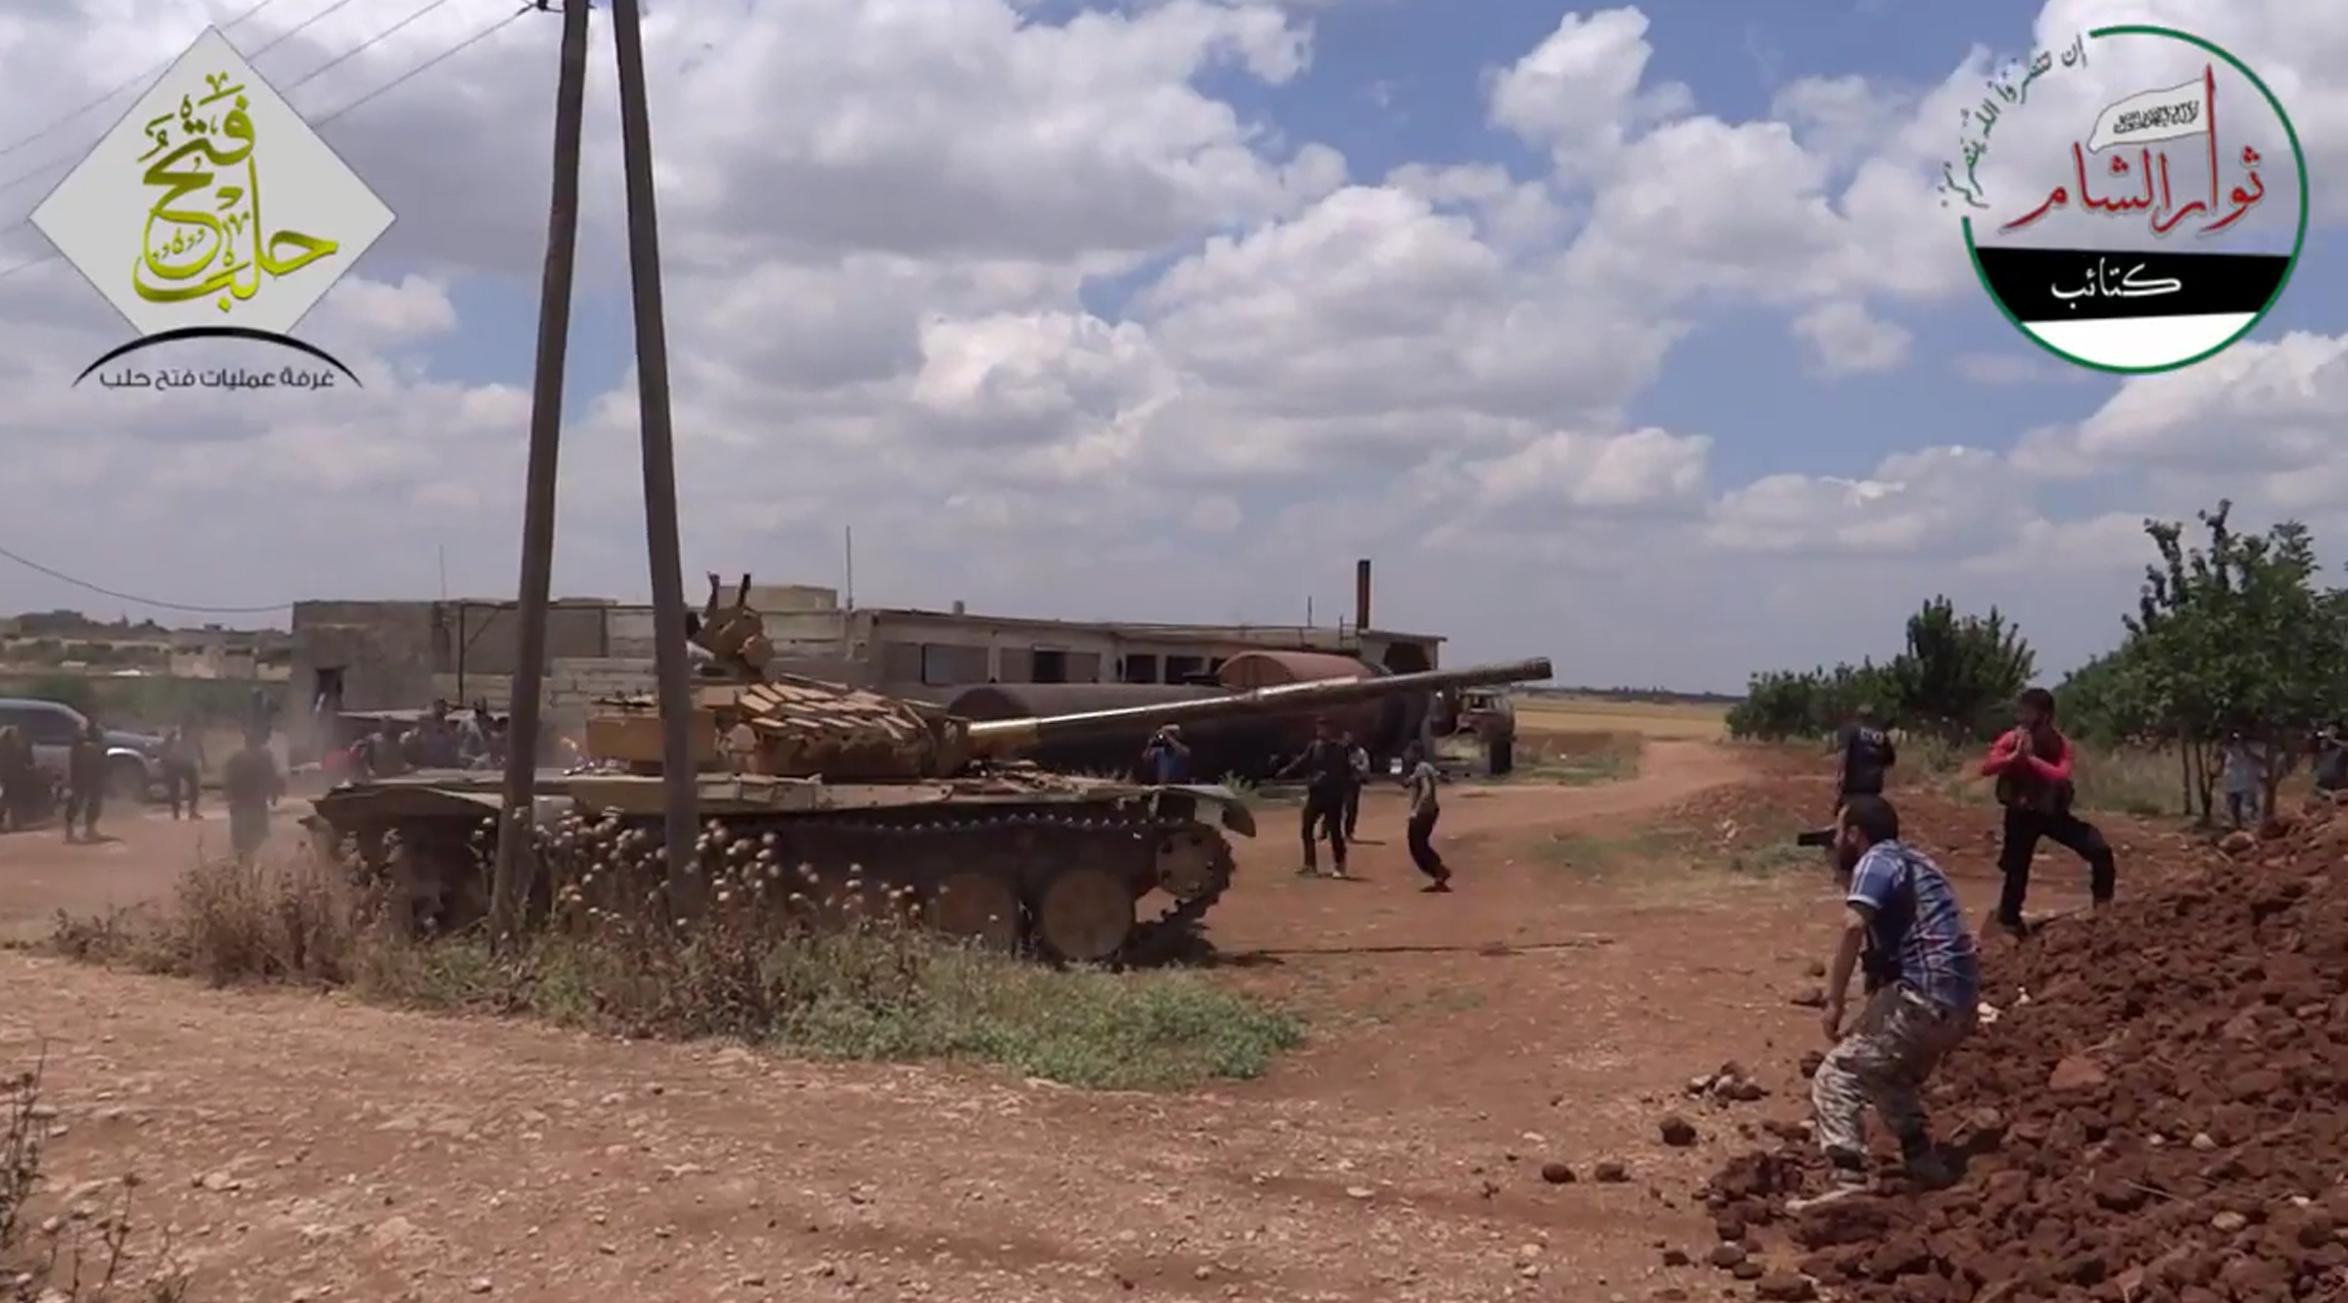 نشرة أخبار سوريا- استعادة السيطرة على 7 قرى من تنظيم الدولة بريف حلب الشمالي، وقيادي في الحر: معركة حلب تهويل إعلامي من النظام -(11_4_2016)